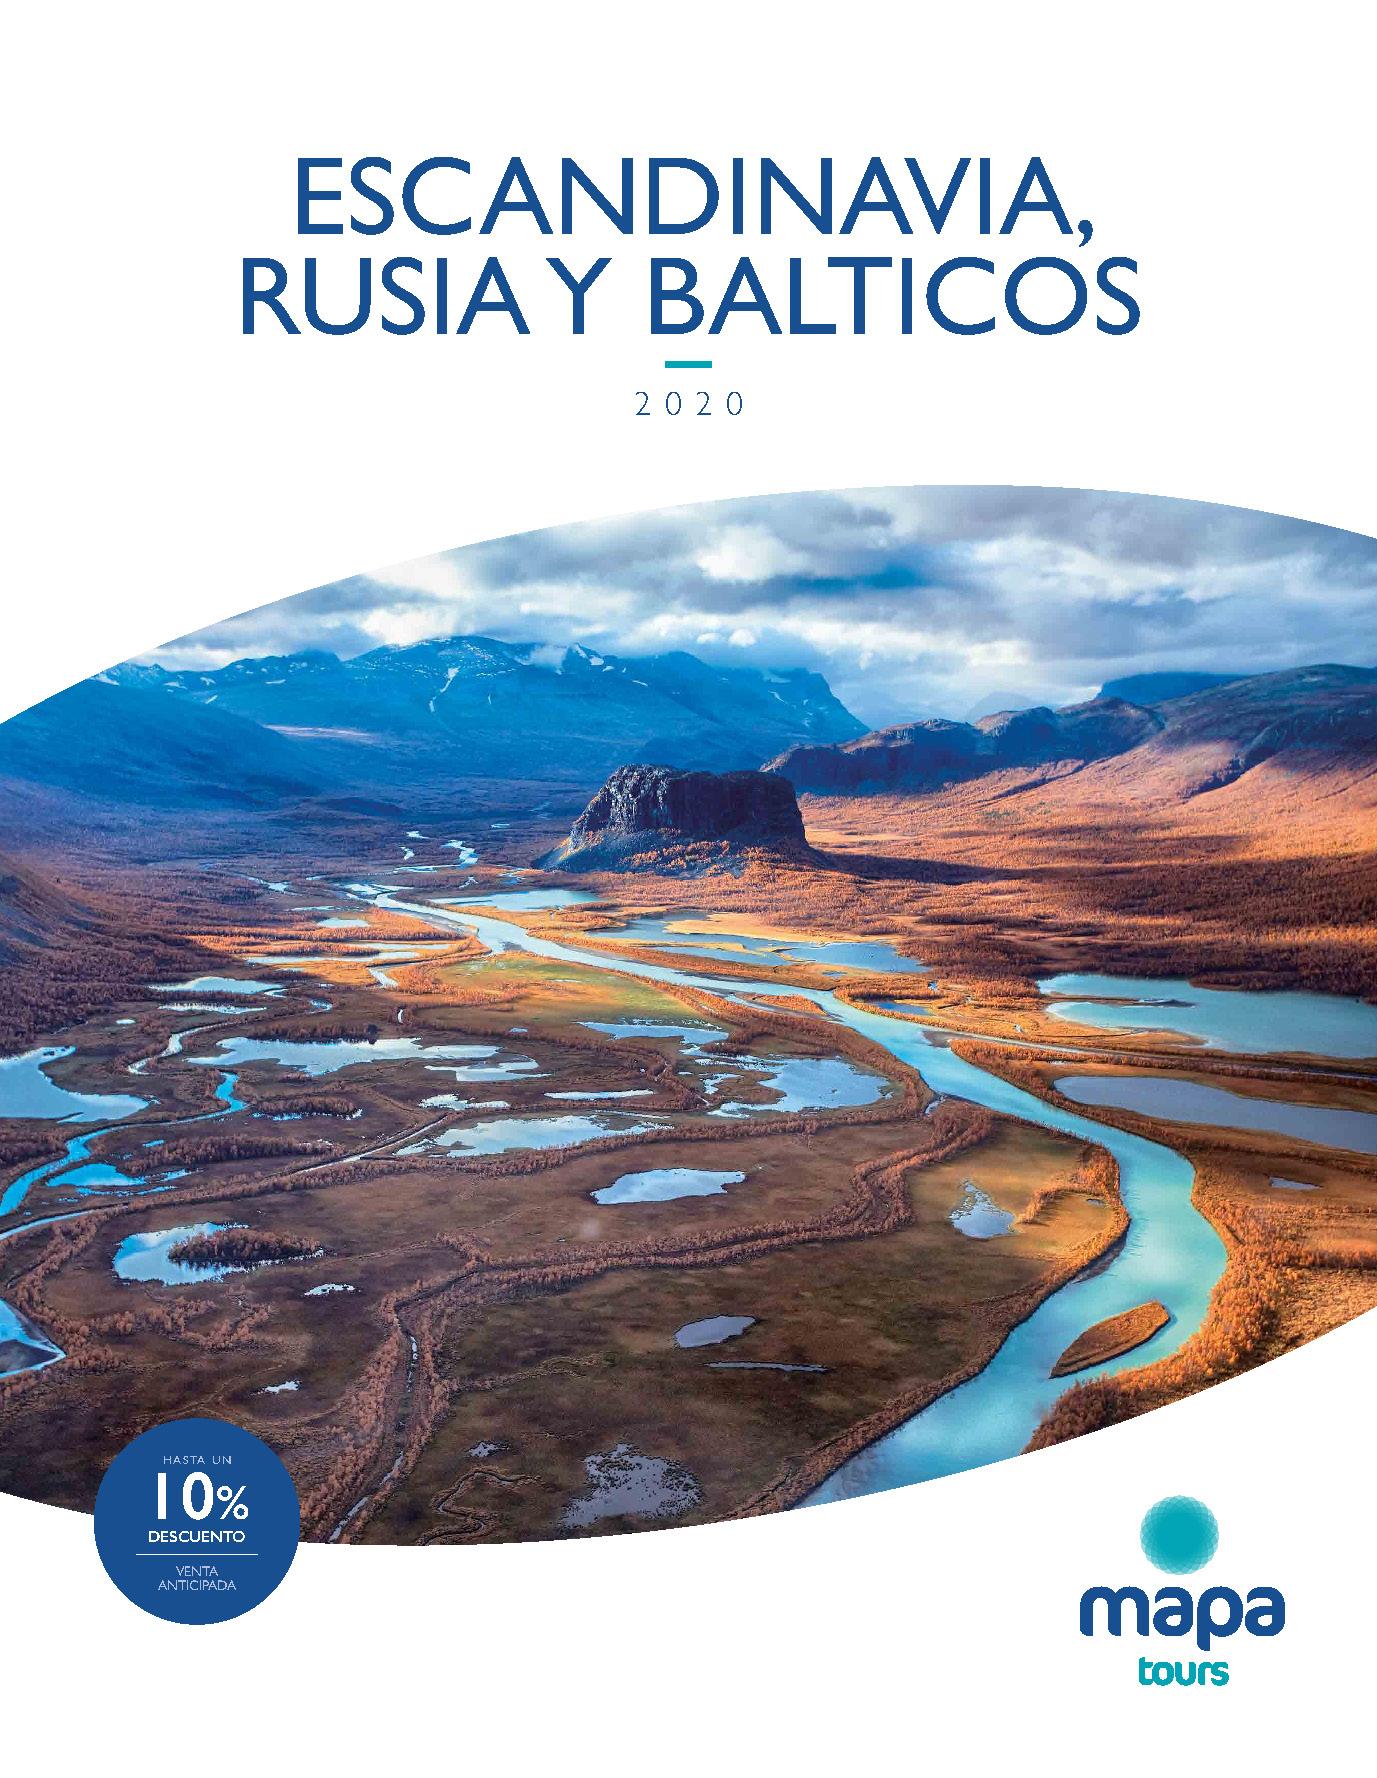 Catalogo Mapa Tours Escandinavia Rusia y Balticos 2020